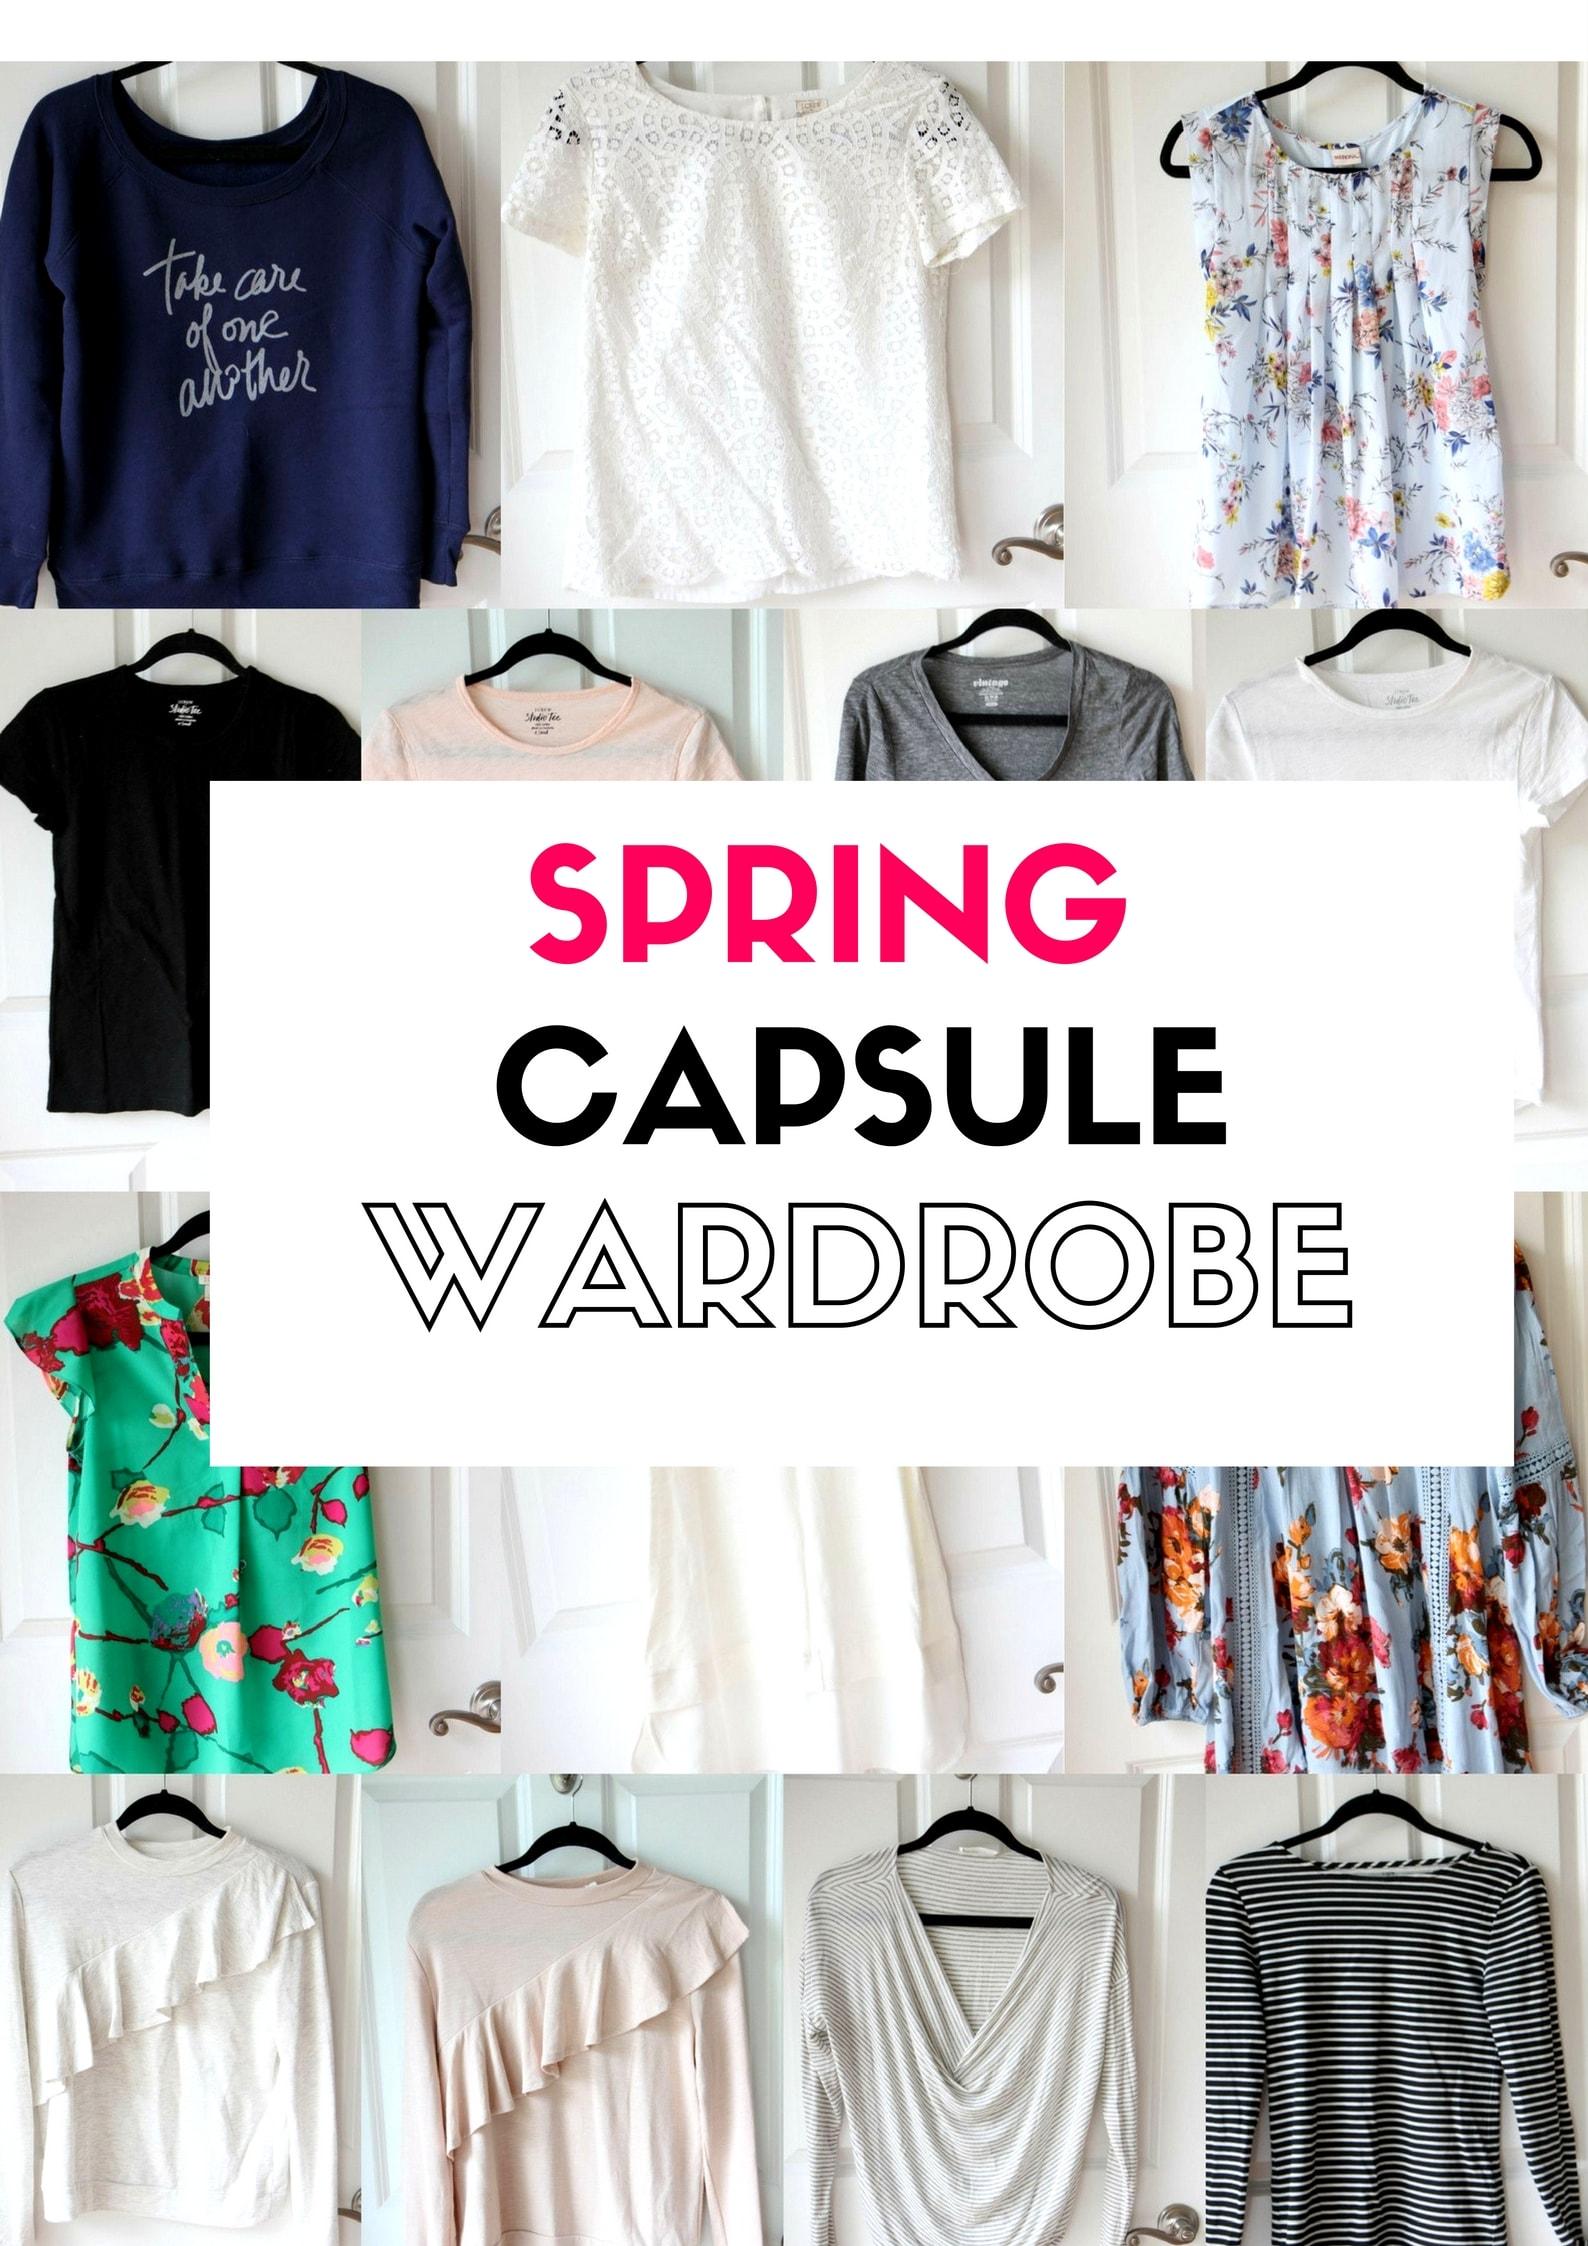 Spring 2017 Capsule Wardrobe